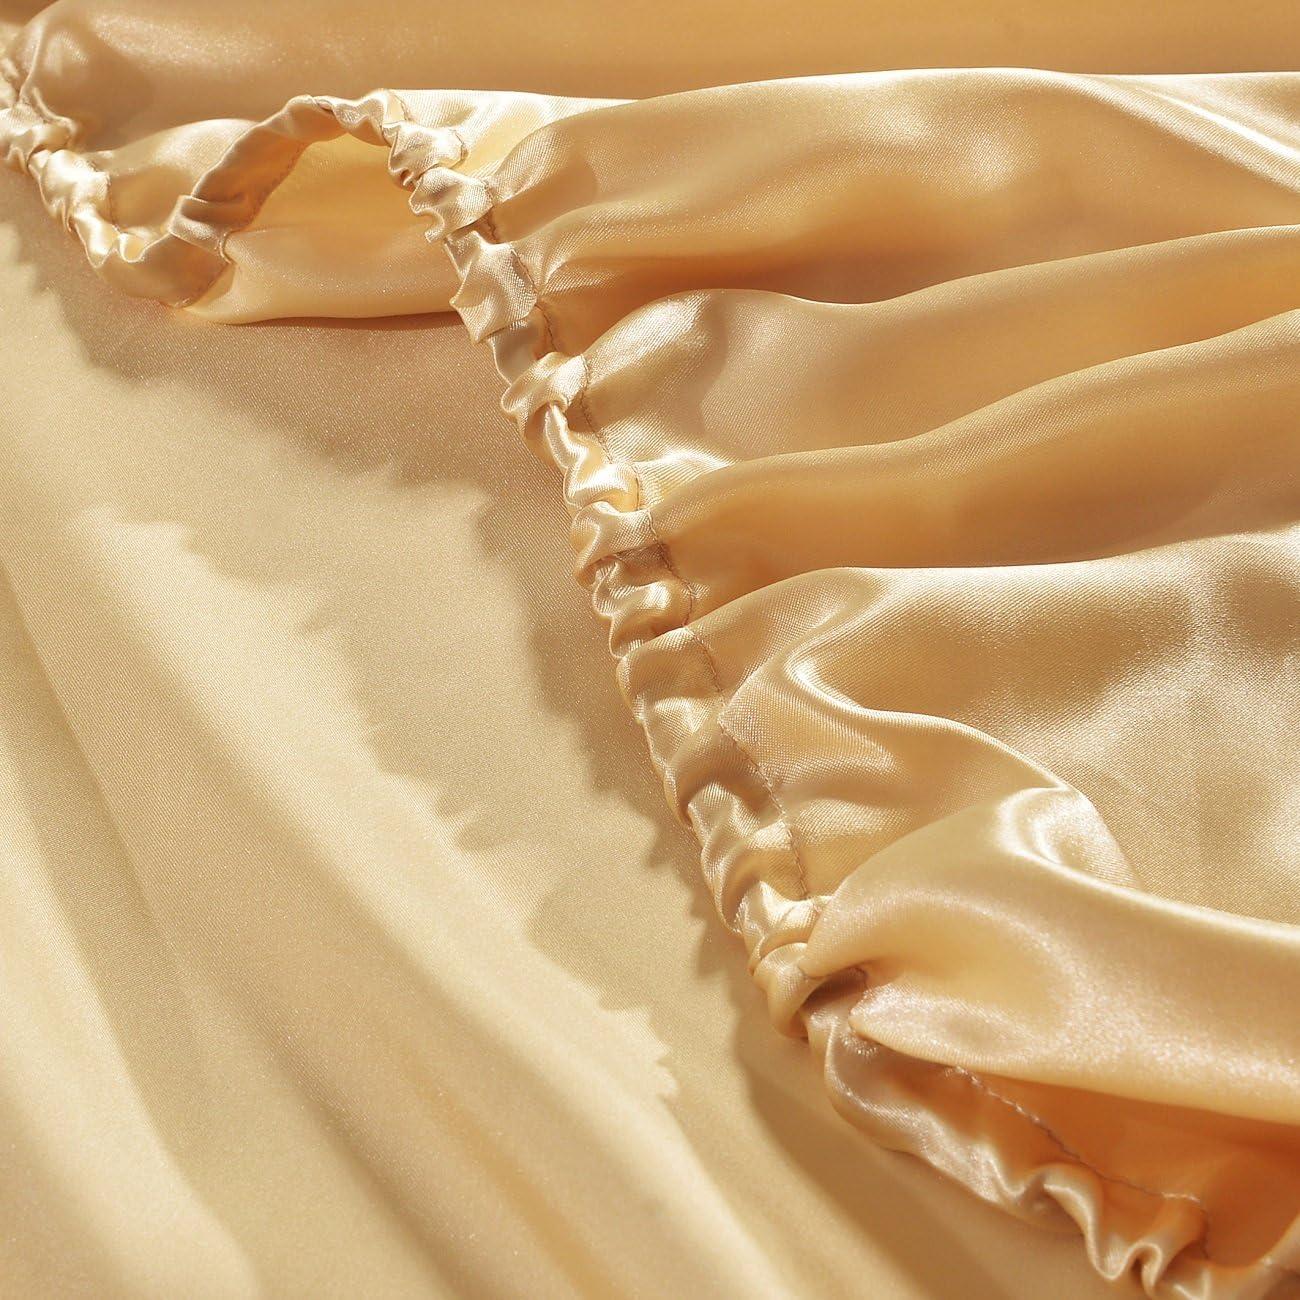 HYSENM Coprimaterasso lenzuolo raso Tinta Unita Con Elastico liscia diverse misure Satin 140 x 190 cm Beige